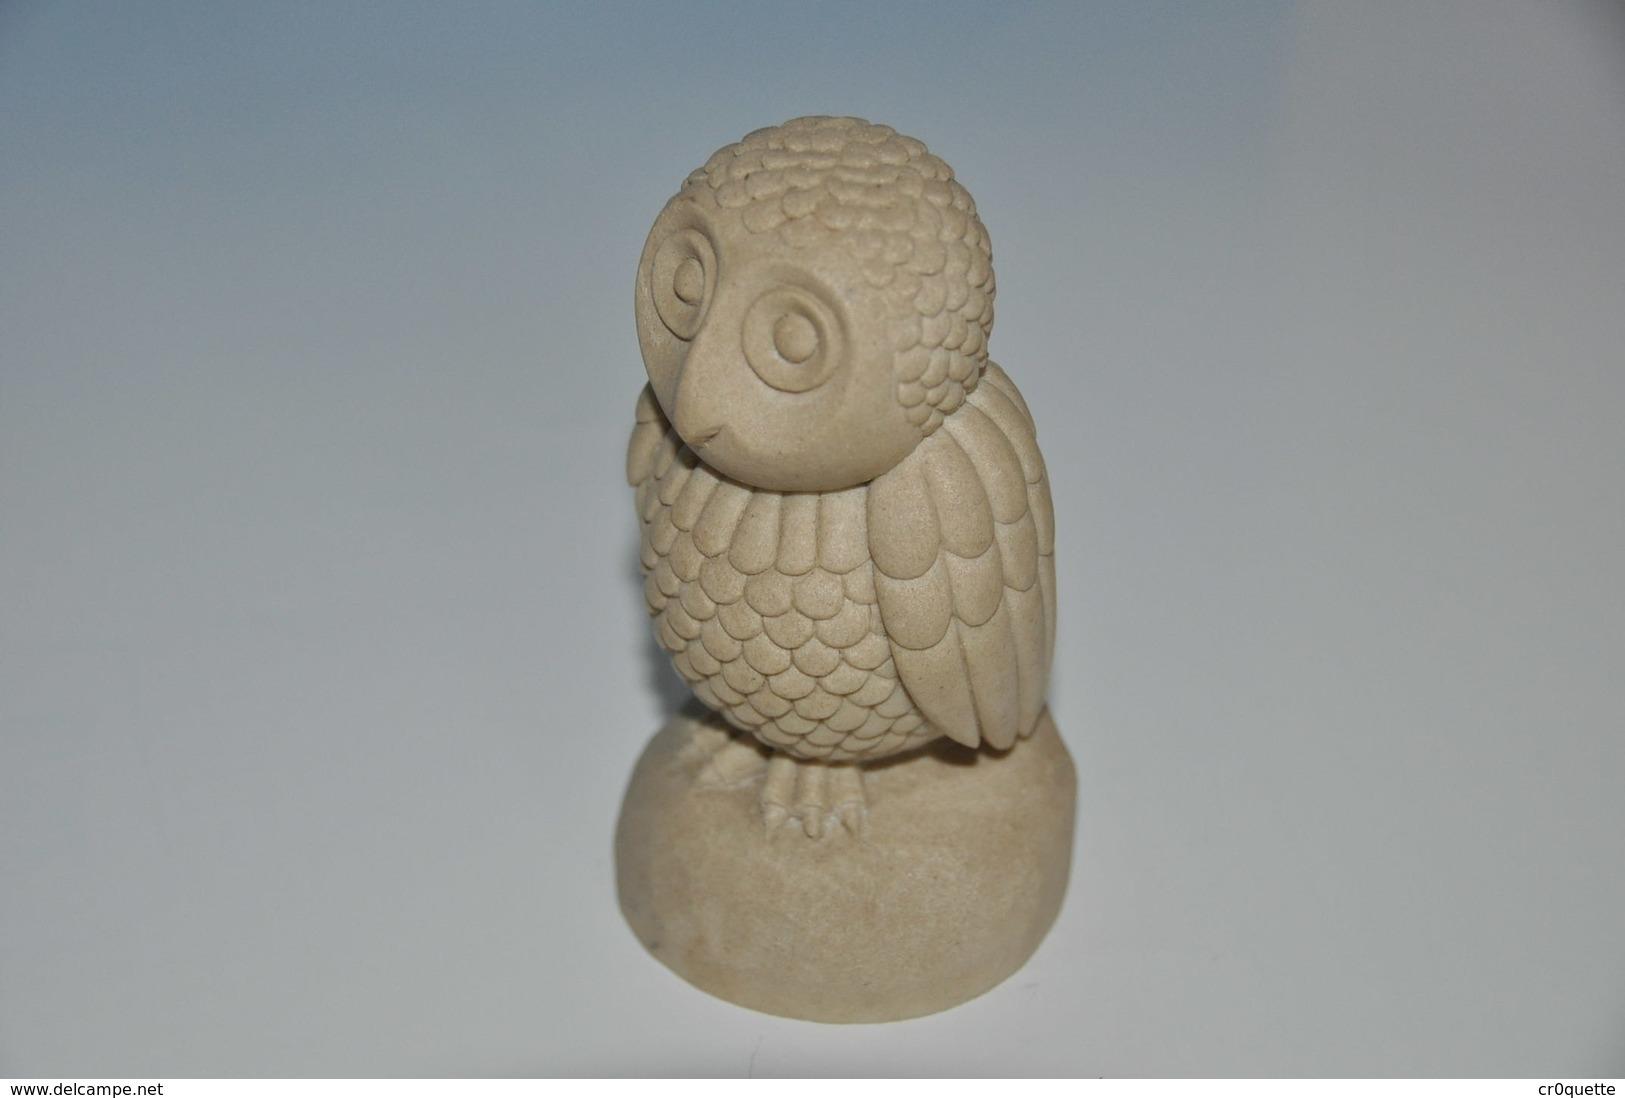 CHOUETTE - Oiseaux